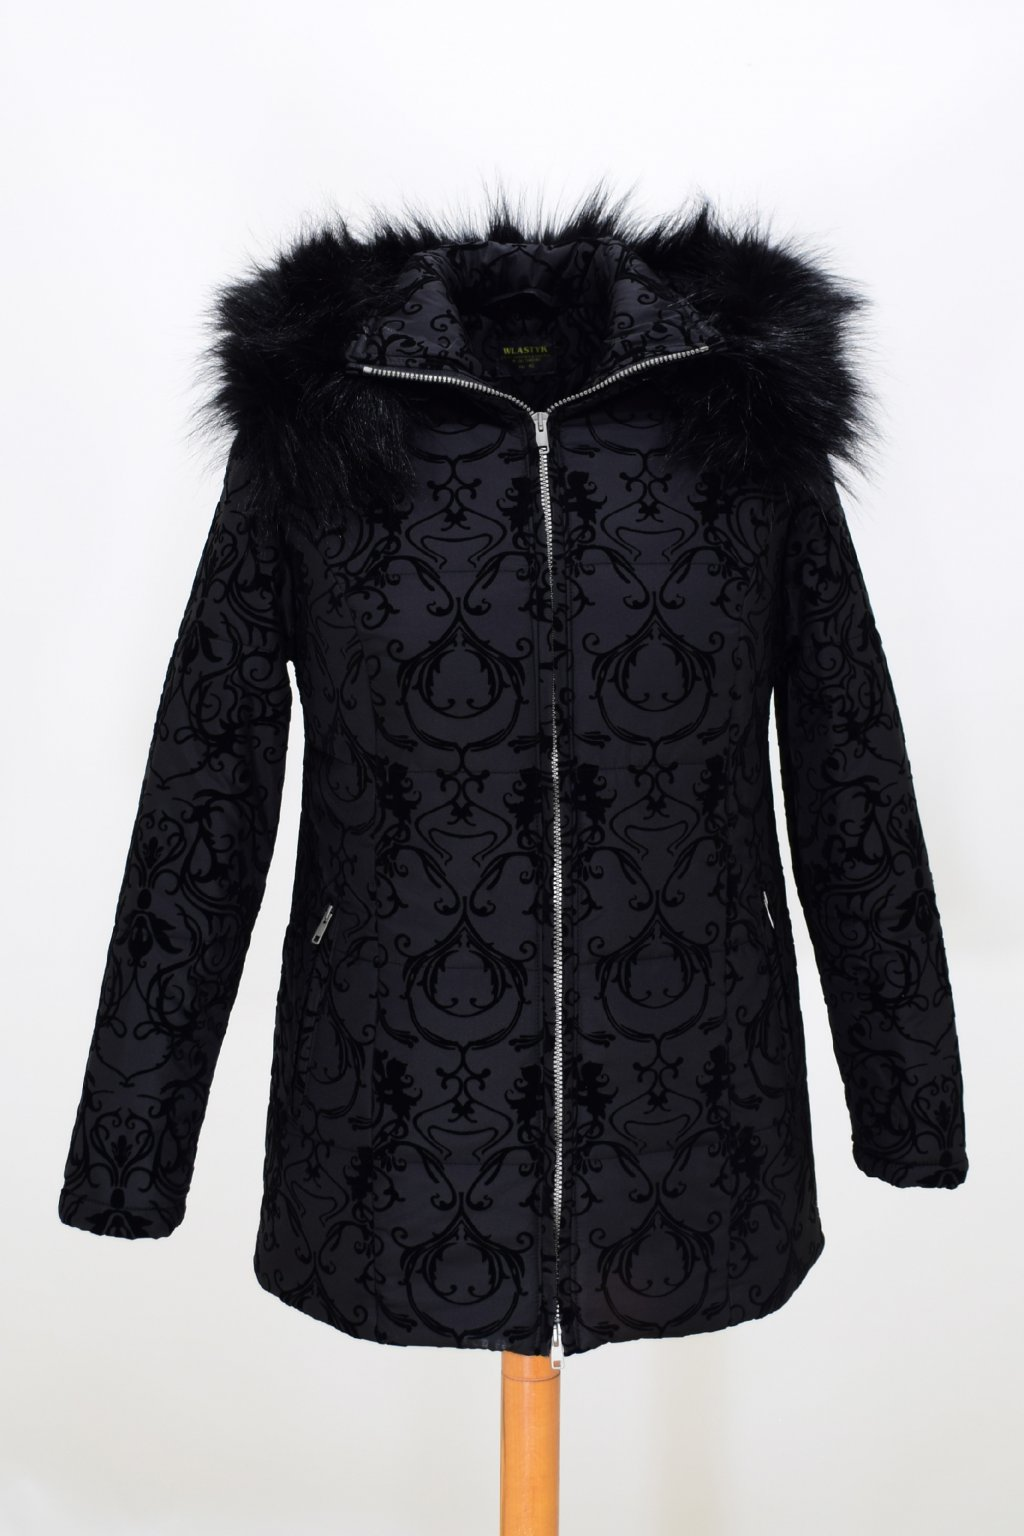 Dámská černá zimní bunda Megan nadměrné velikosti.